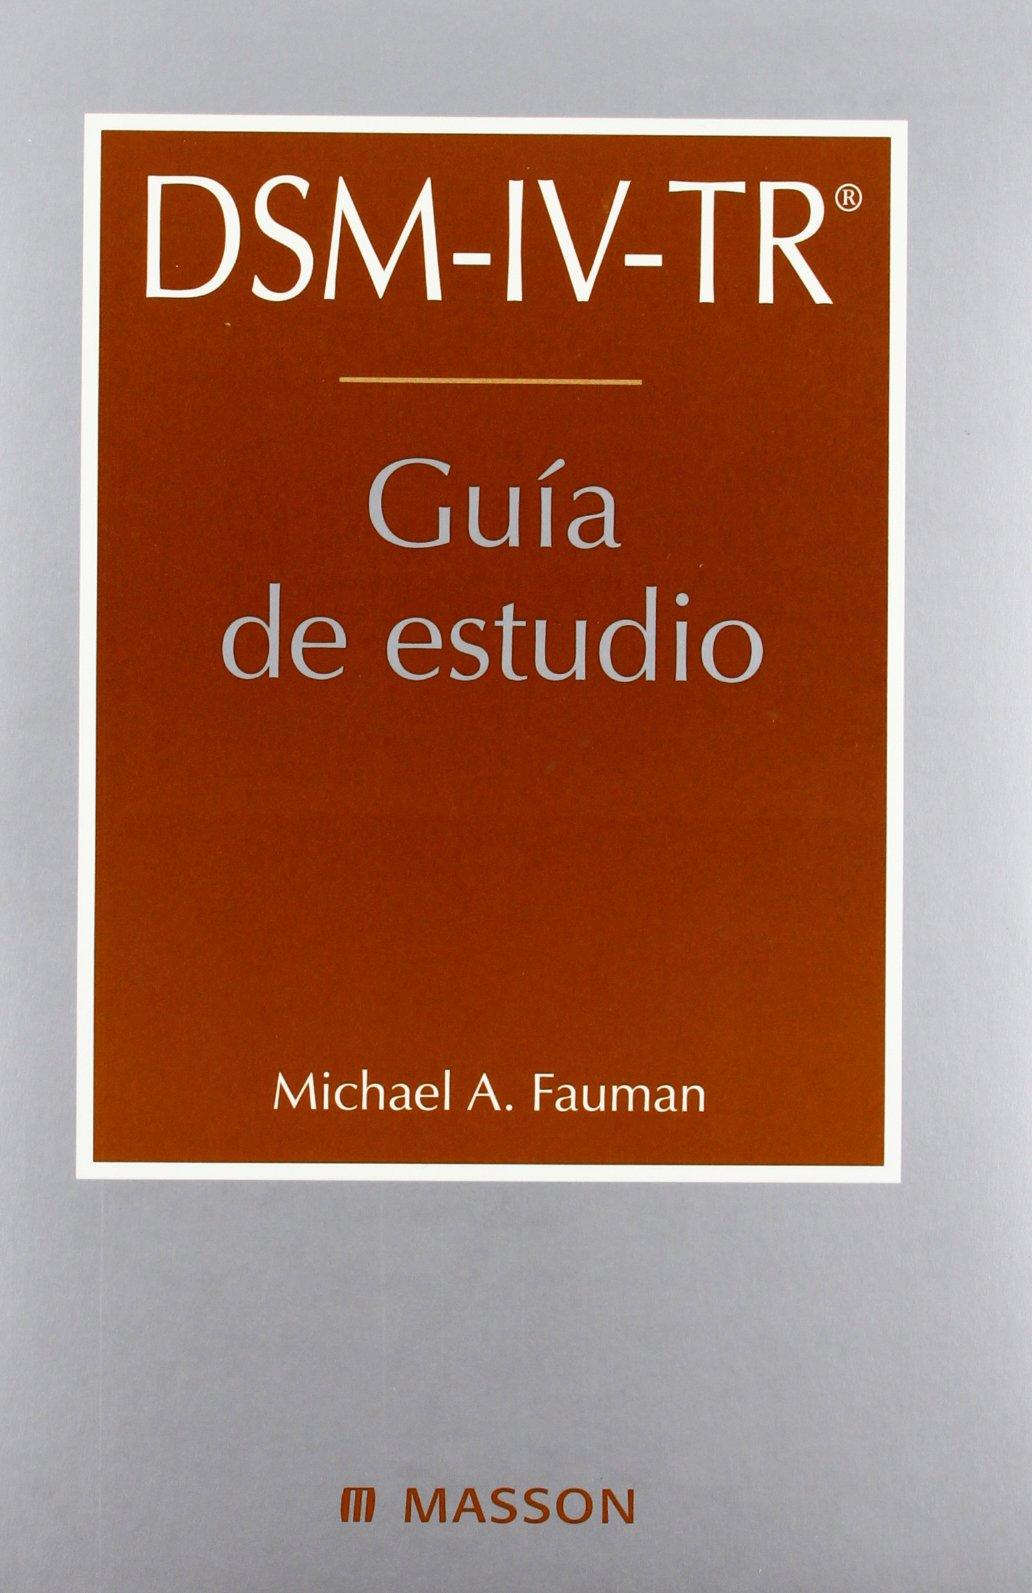 Guía de estudio Dsm-iv-tr, Manual Diagnostico Y Estadistico De Los Trastornos Mentales: Amazon.es: M.A. Fauman: Libros